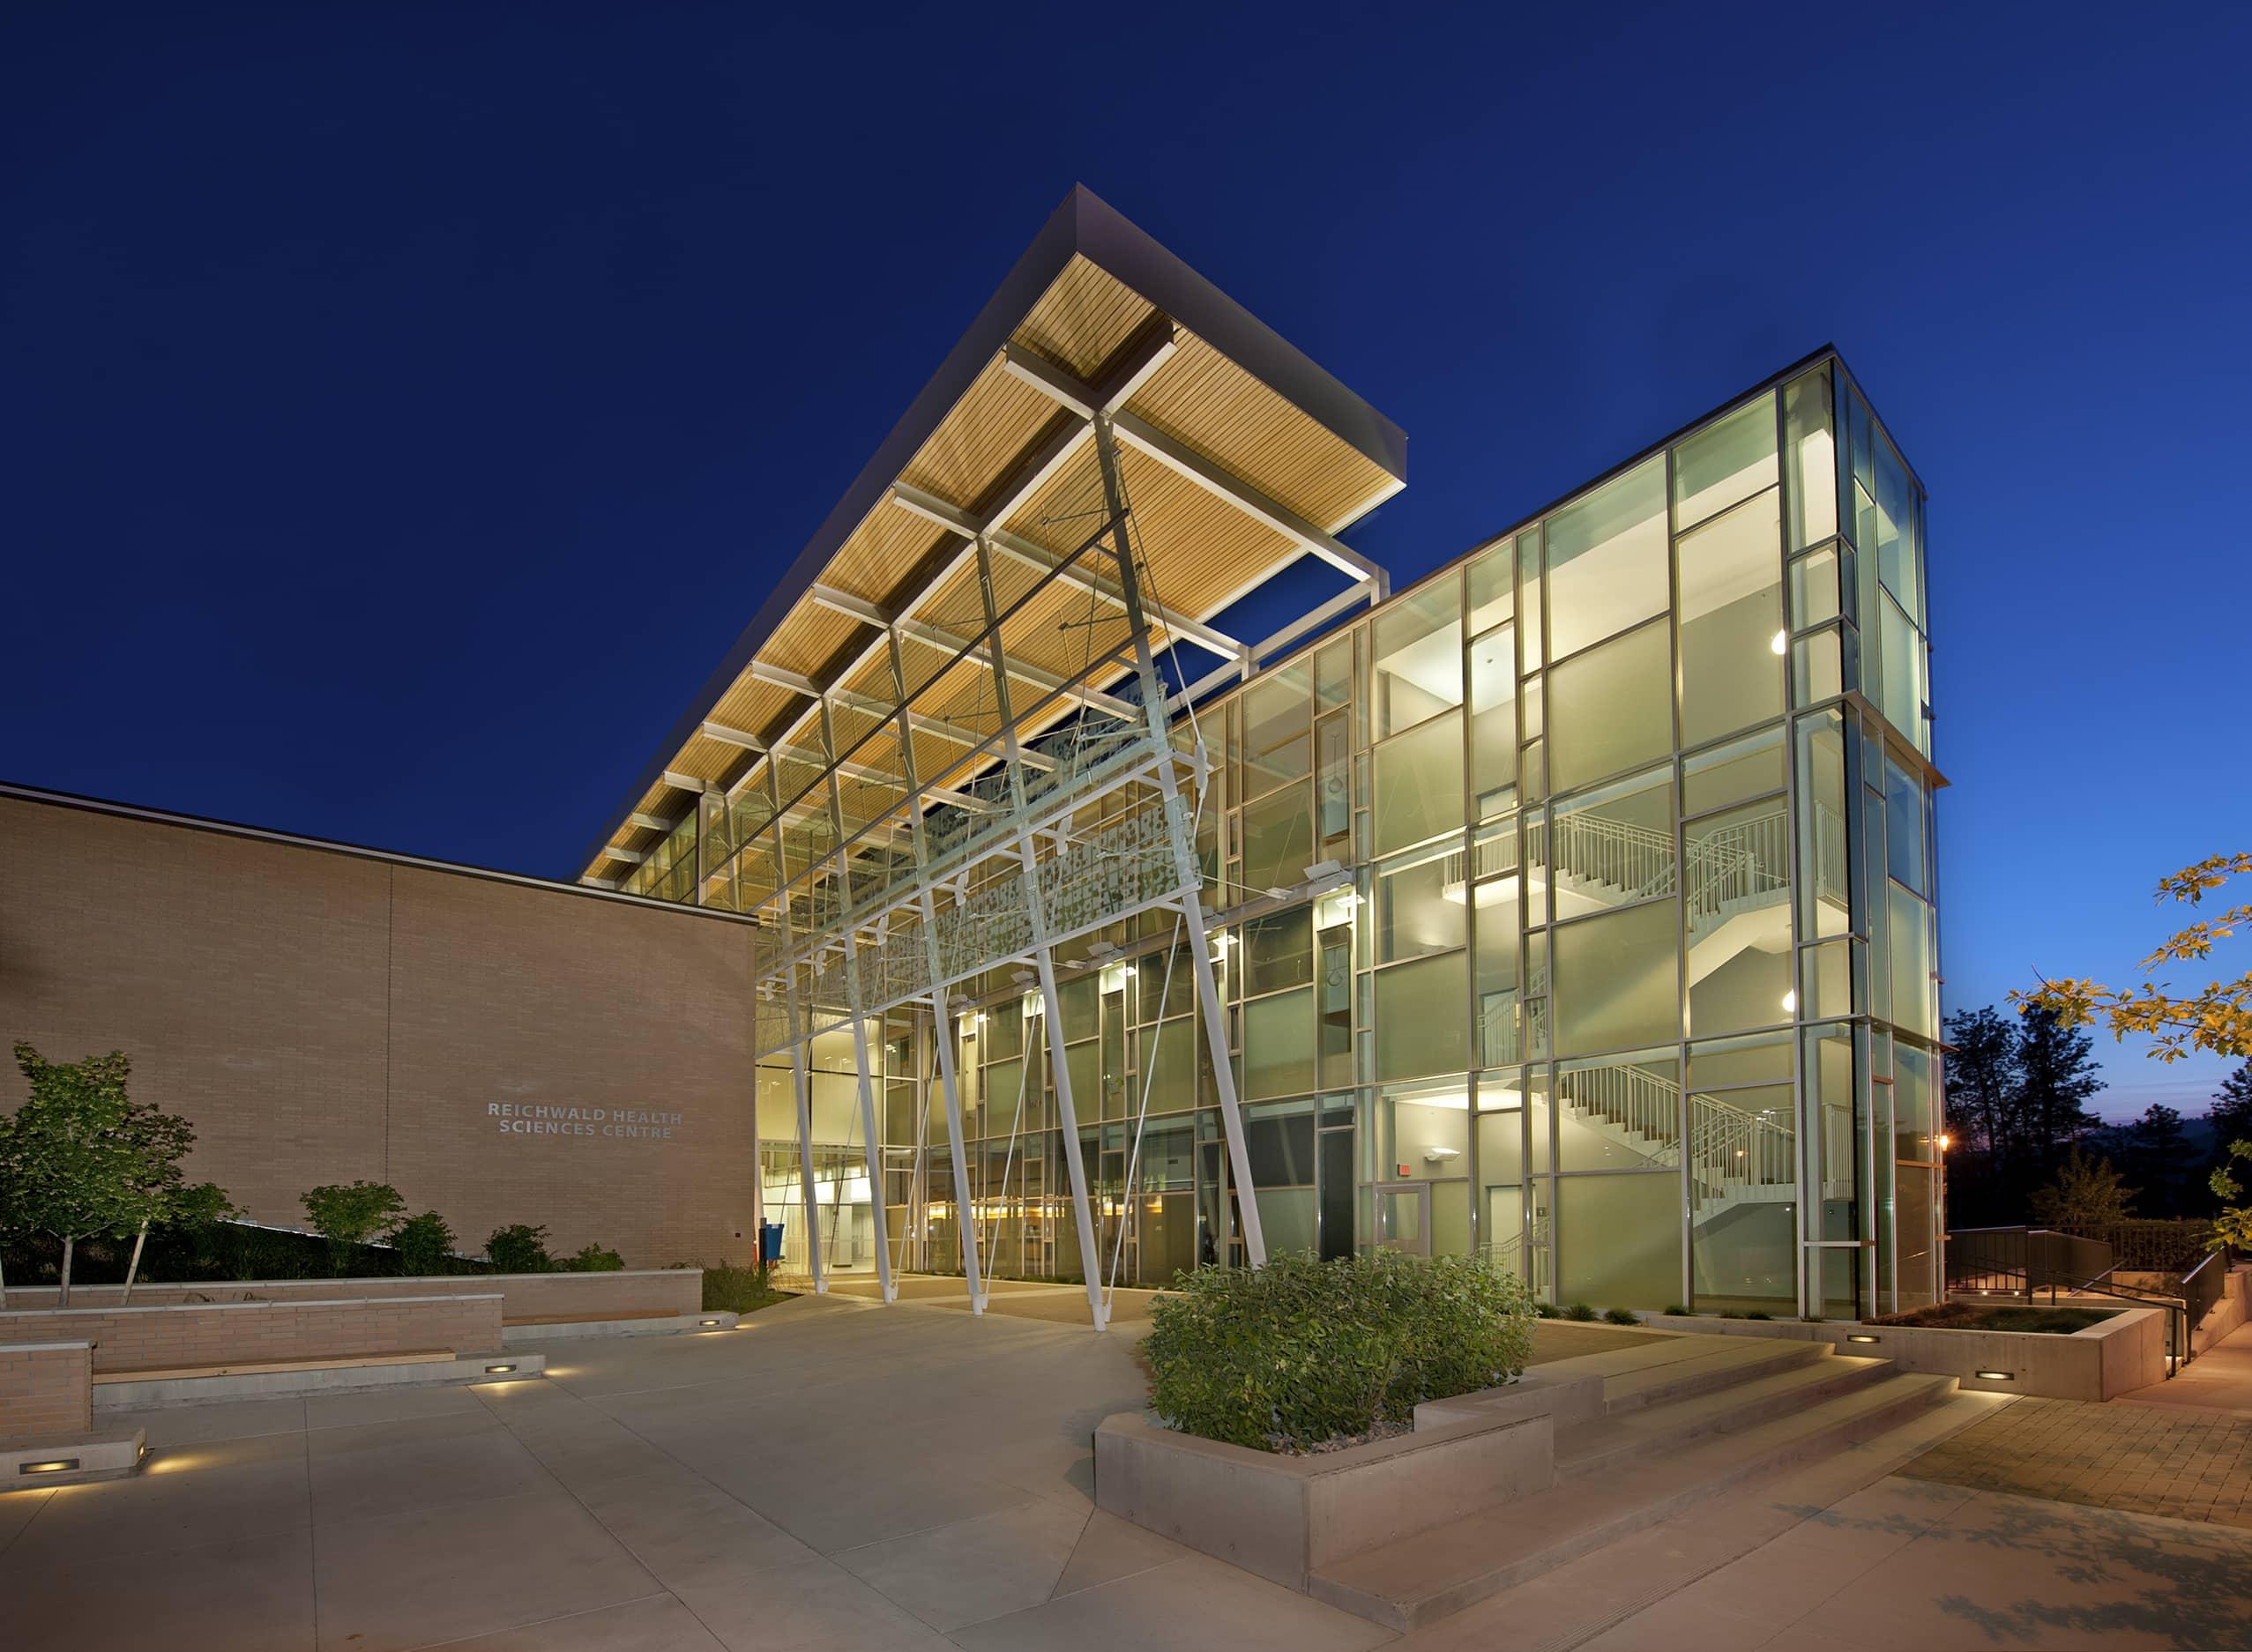 bbp ubco health sciences exterior night